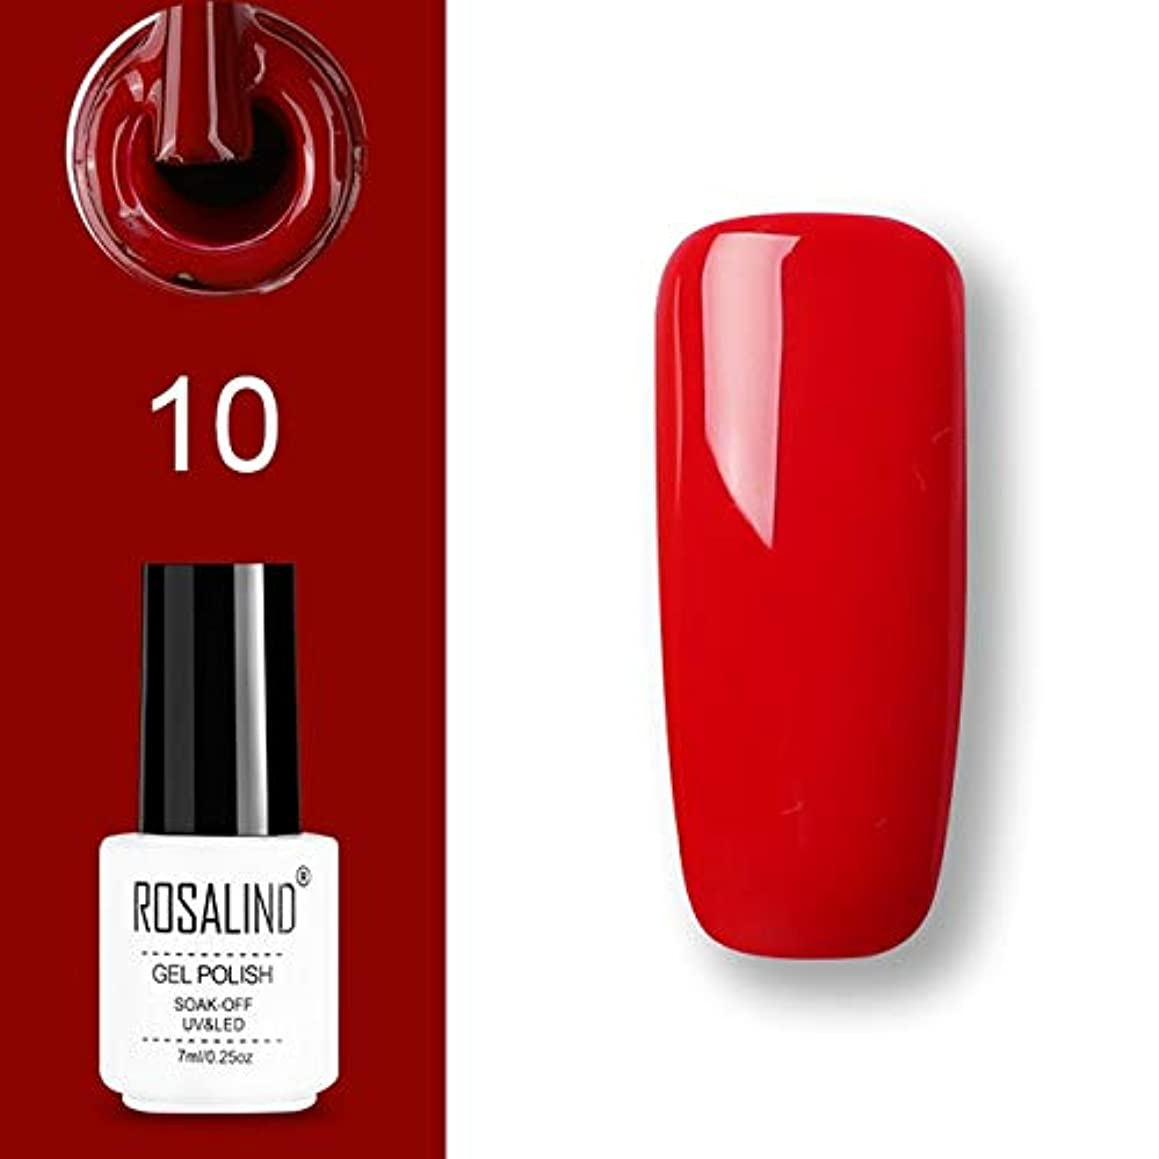 純度ブース会話ファッションアイテム ROSALINDジェルポリッシュセットUVセミパーマネントプライマートップコートポリジェルニスネイルアートマニキュアジェル、容量:7ml 10。 環境に優しいマニキュア